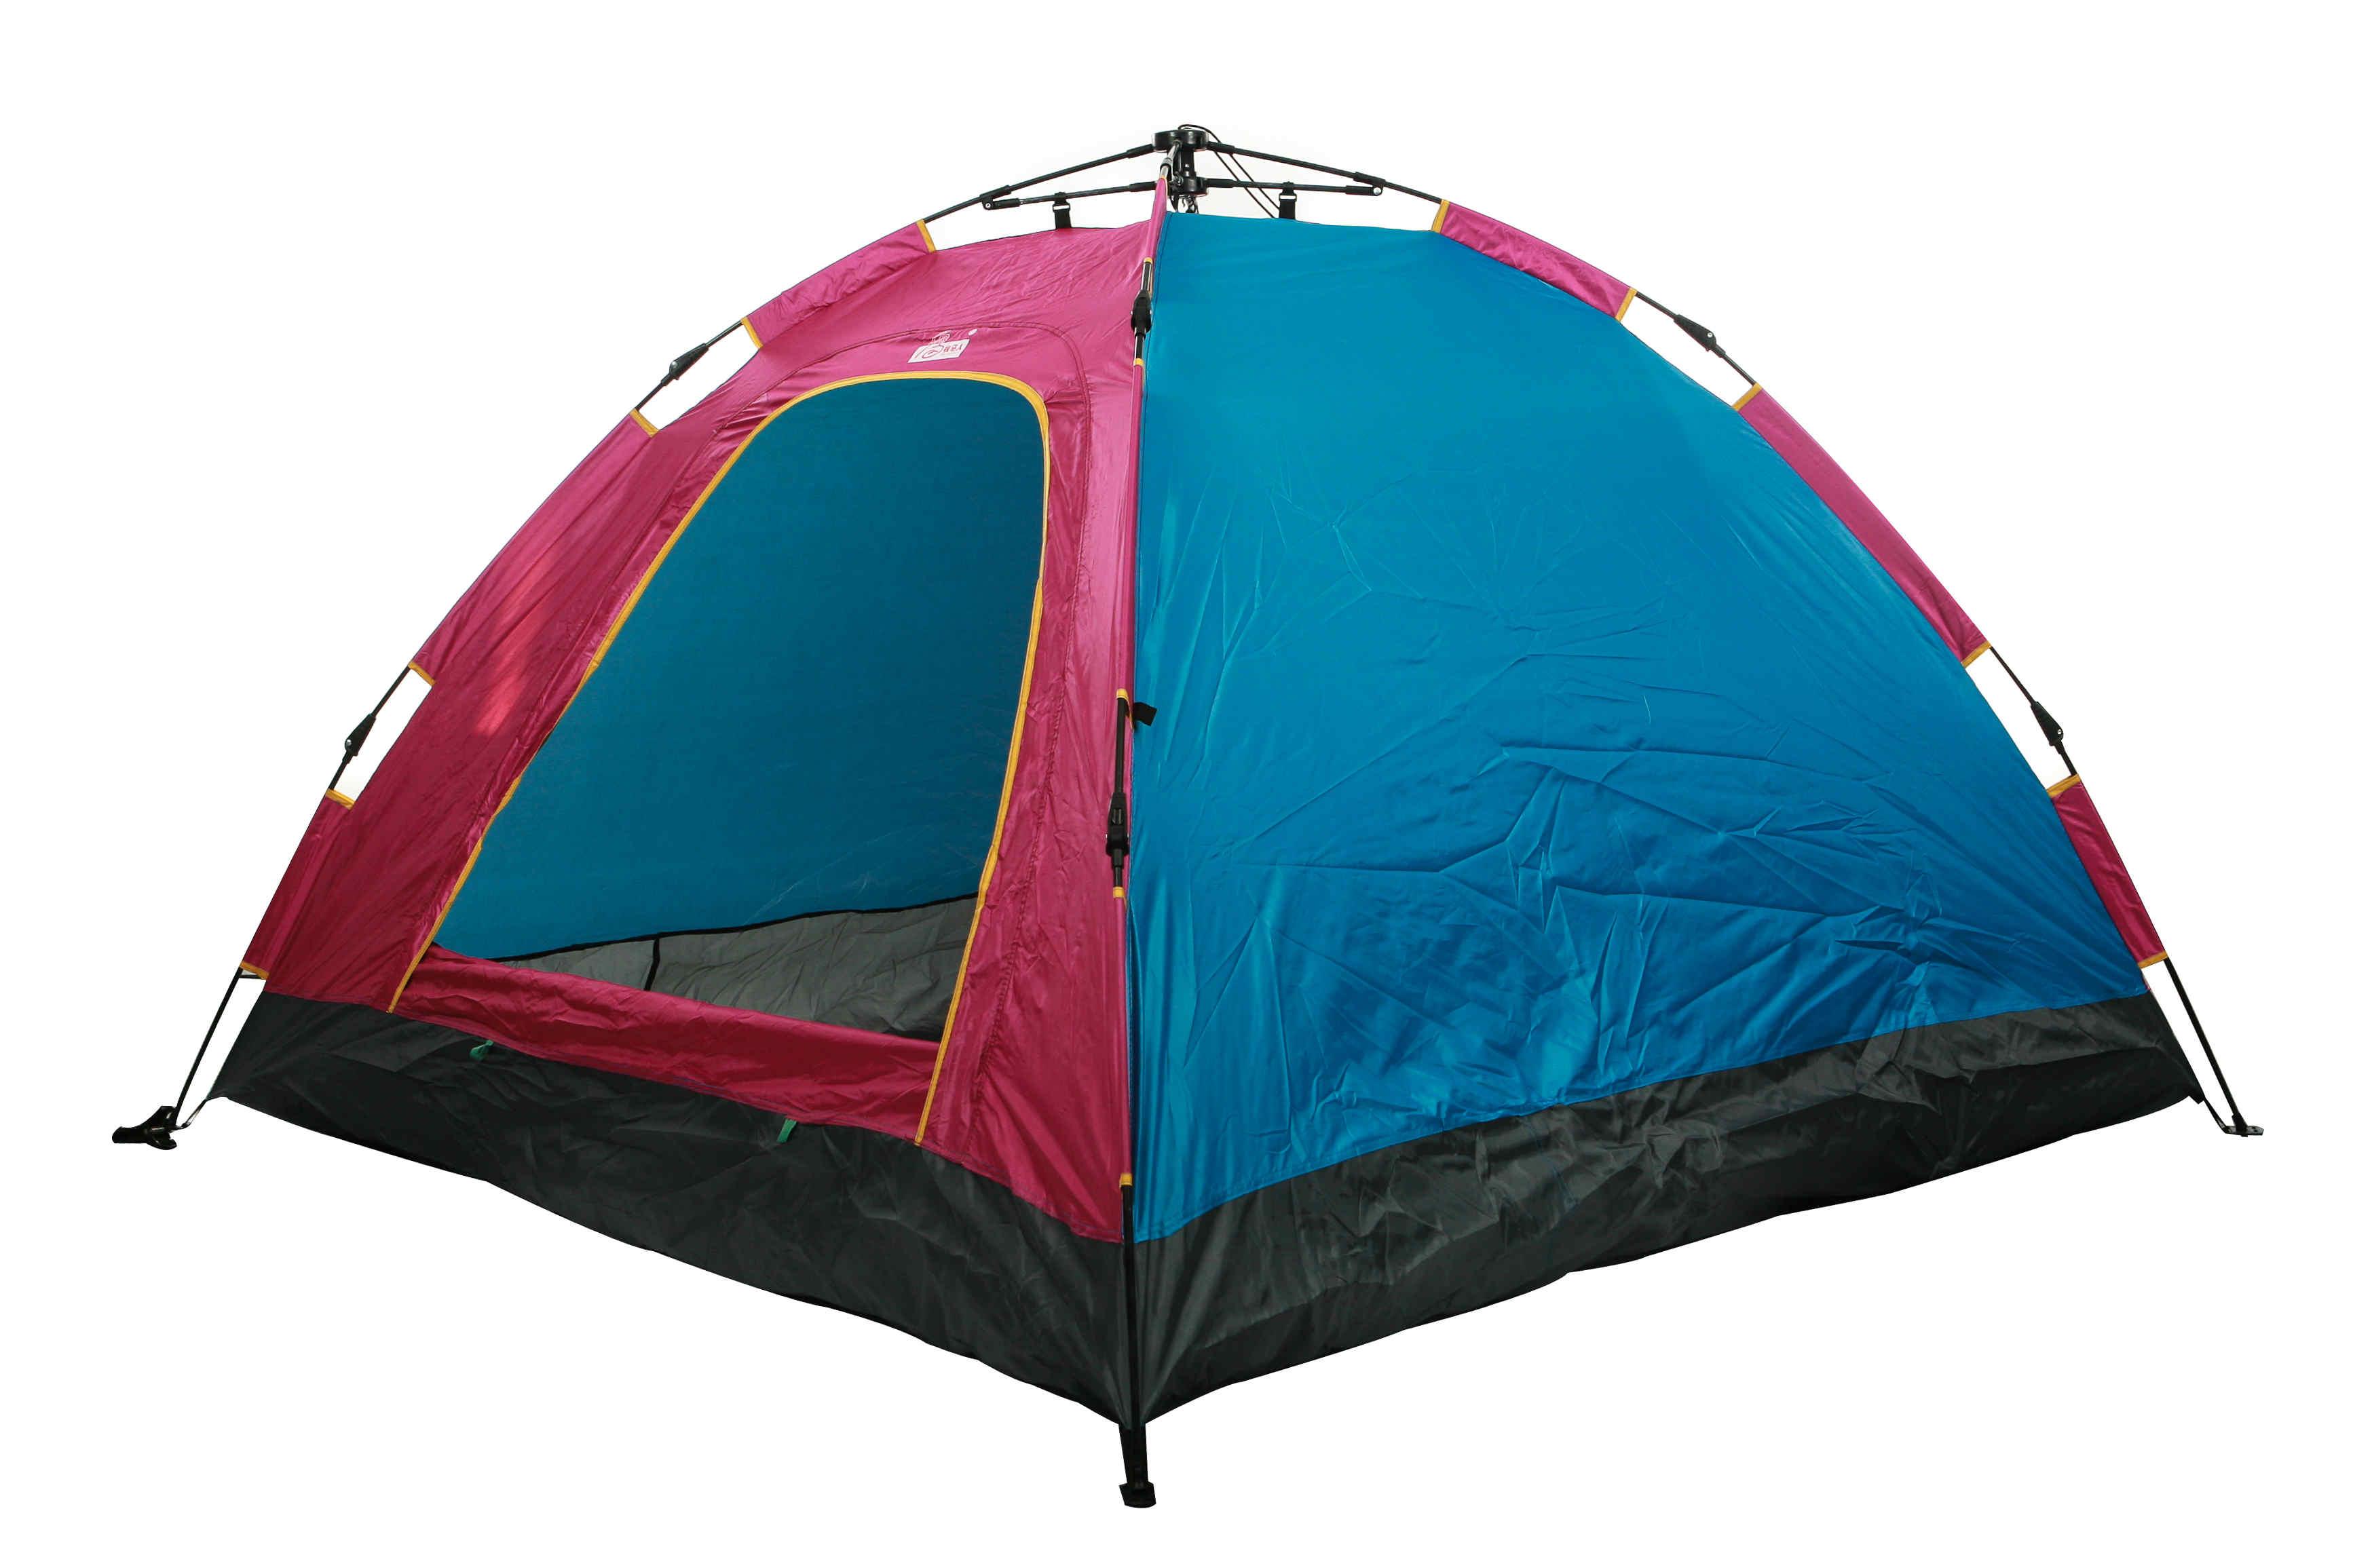 开拓无边帐篷安装图解